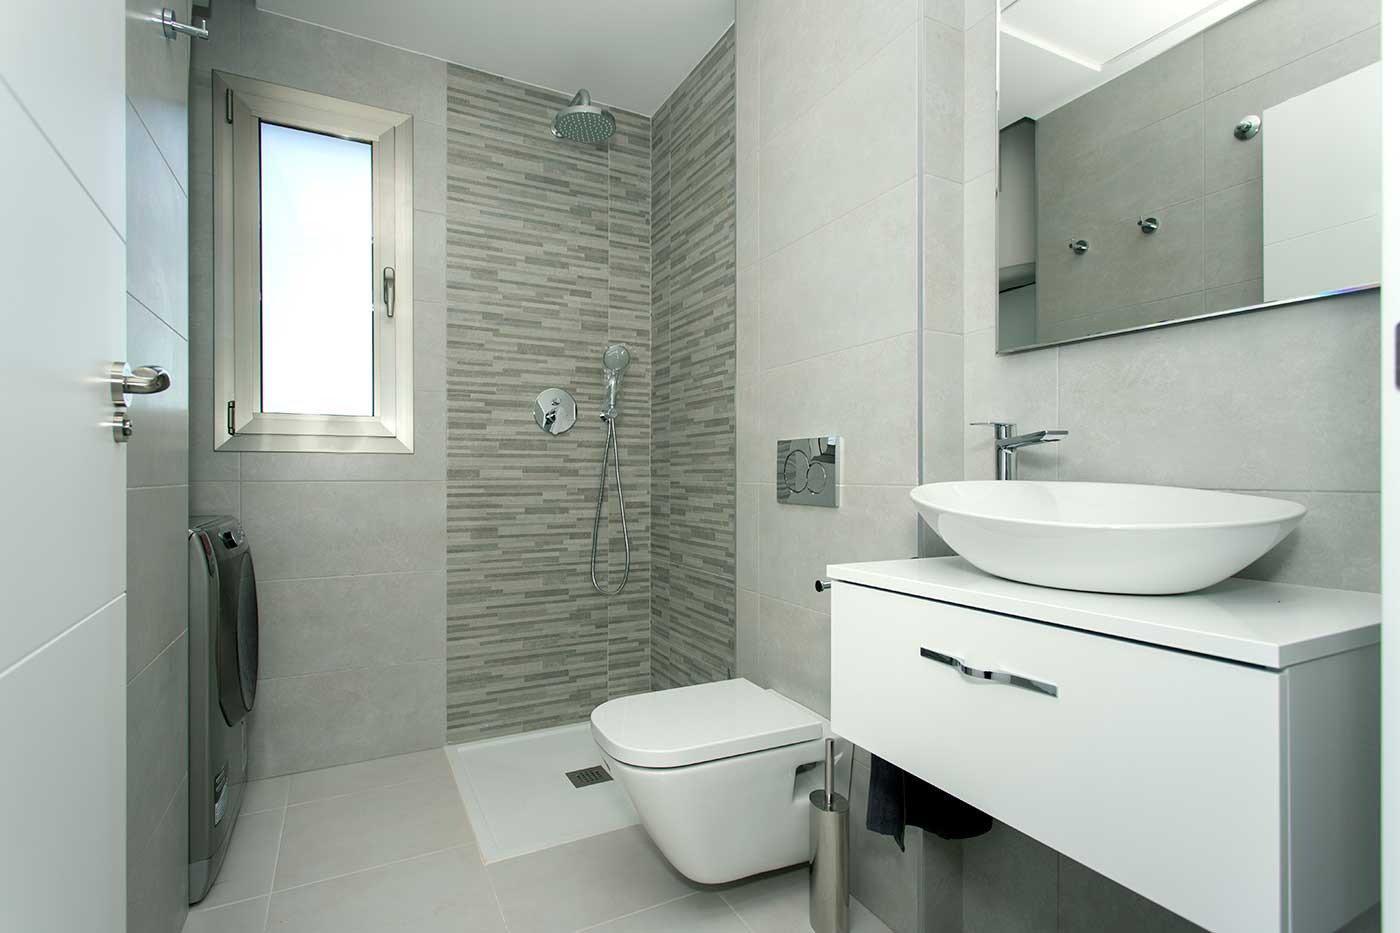 Complejo de estilo moderno con apartamentos de 2,3 dormitorios y 2 baños con amplias terra - imagenInmueble10